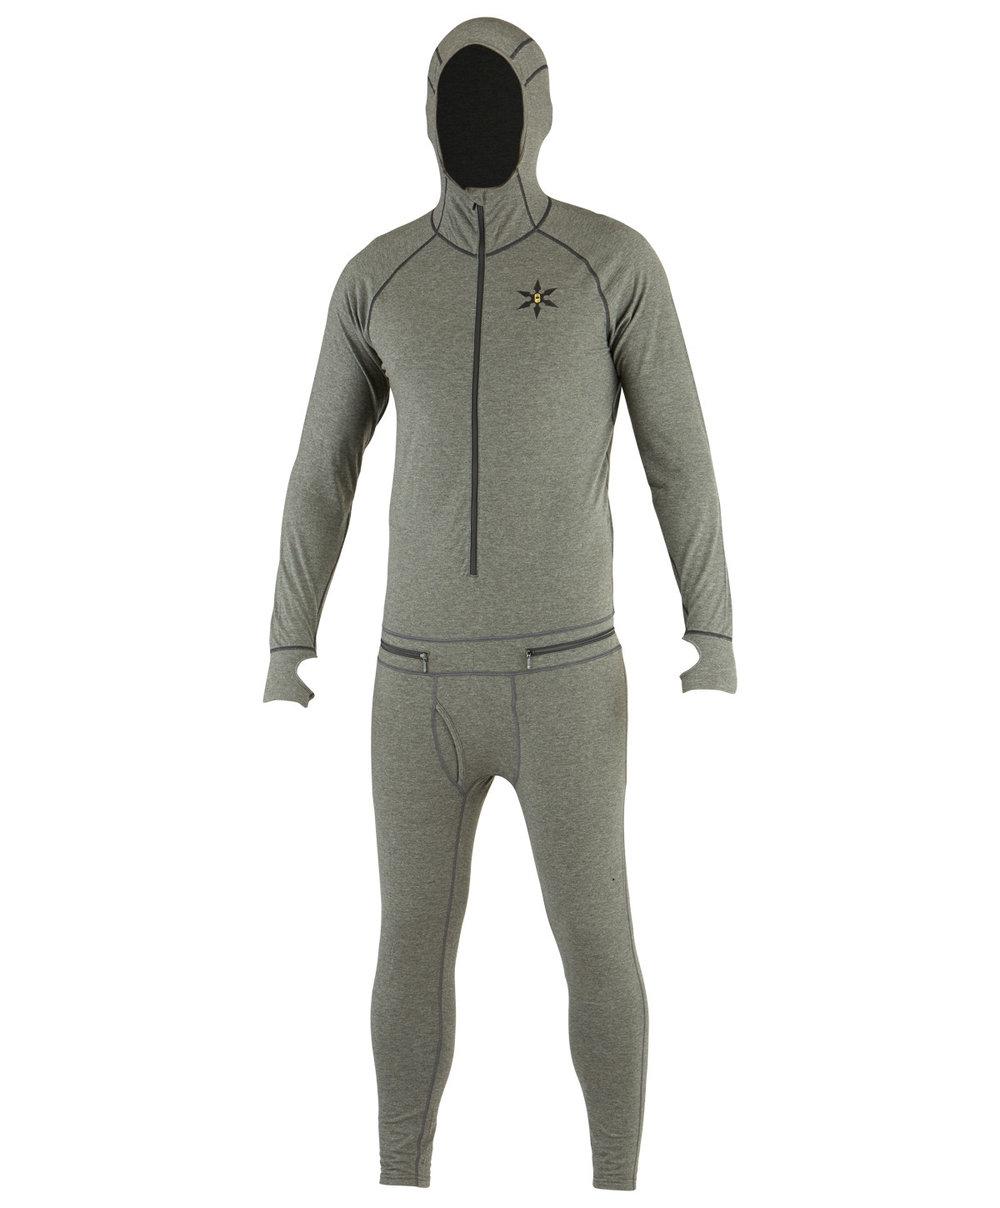 Airblaster - Mens ninja suit.jpg